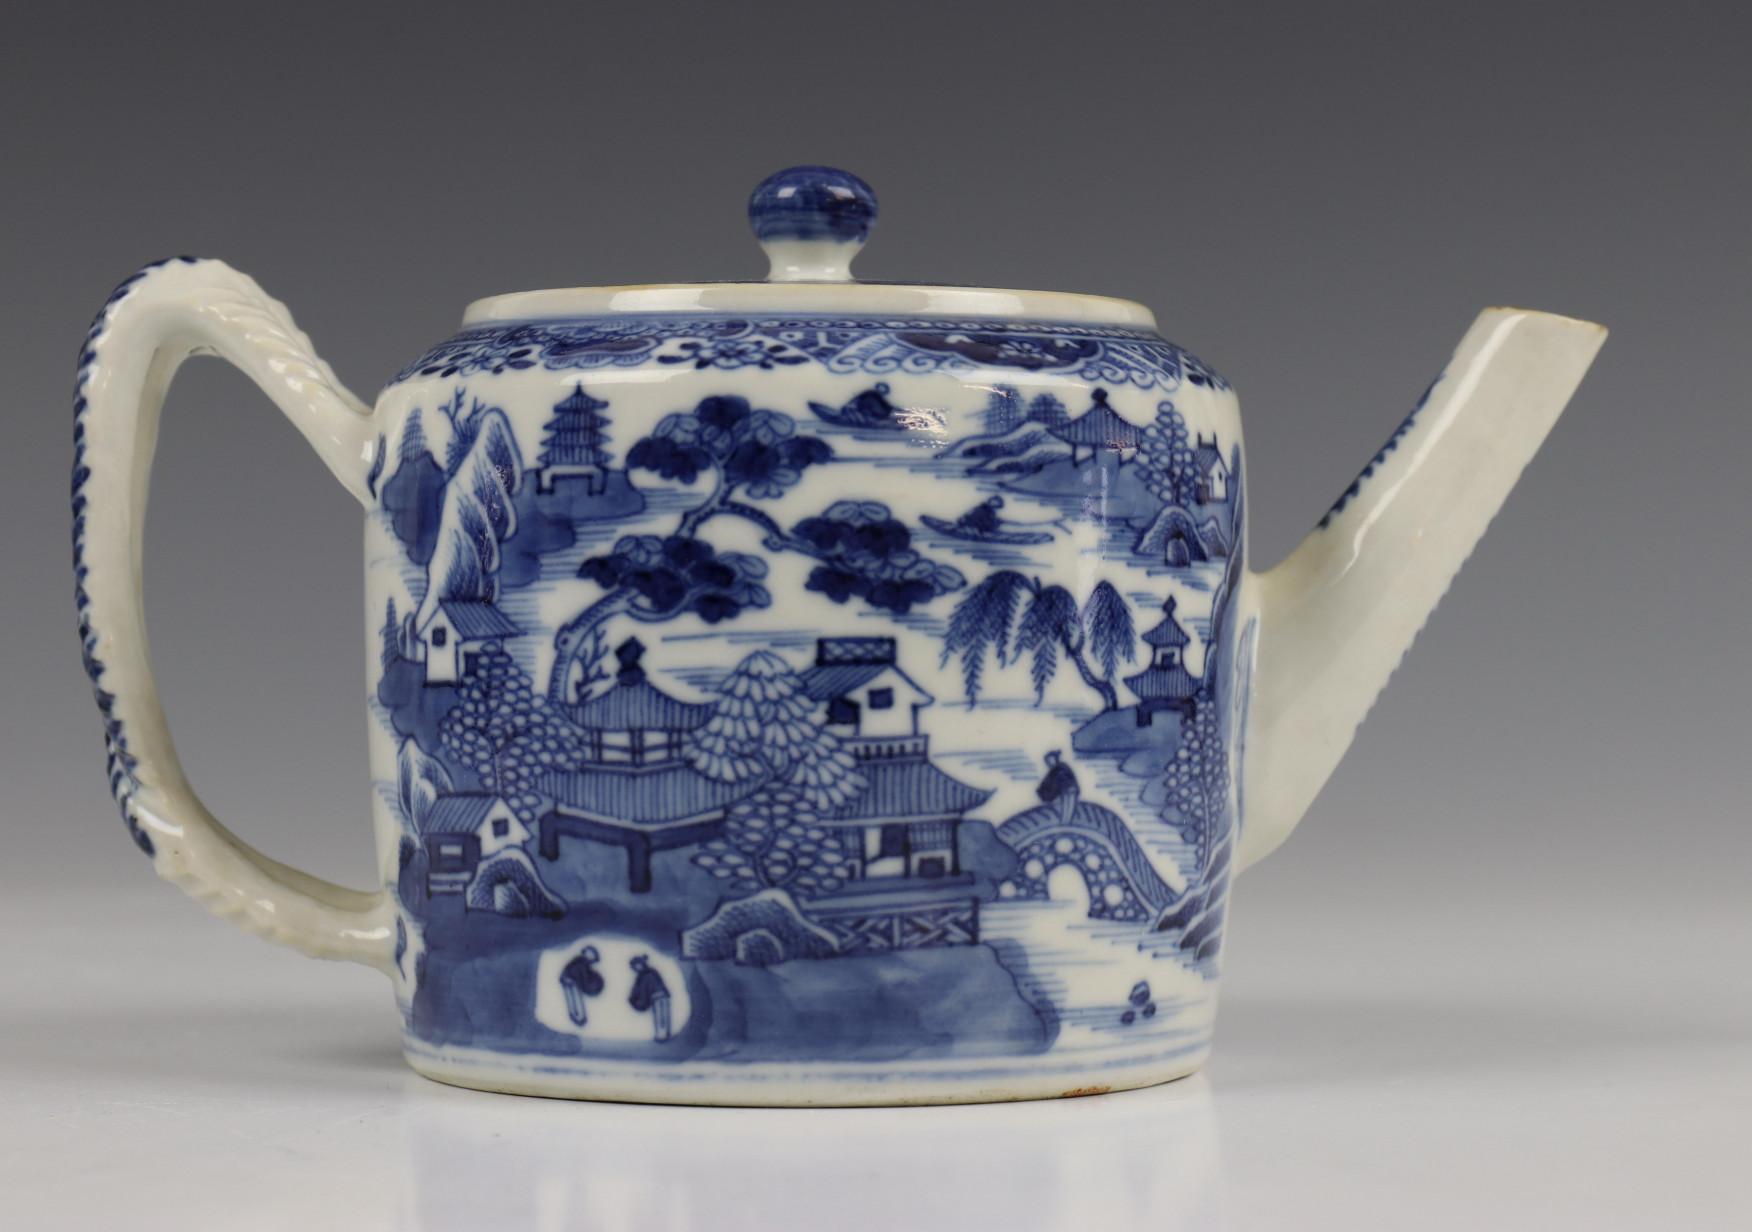 China, blauw-wit porseleinen trekpot, Imari trekpotje en melkkan, 18e eeuw, - Image 18 of 21